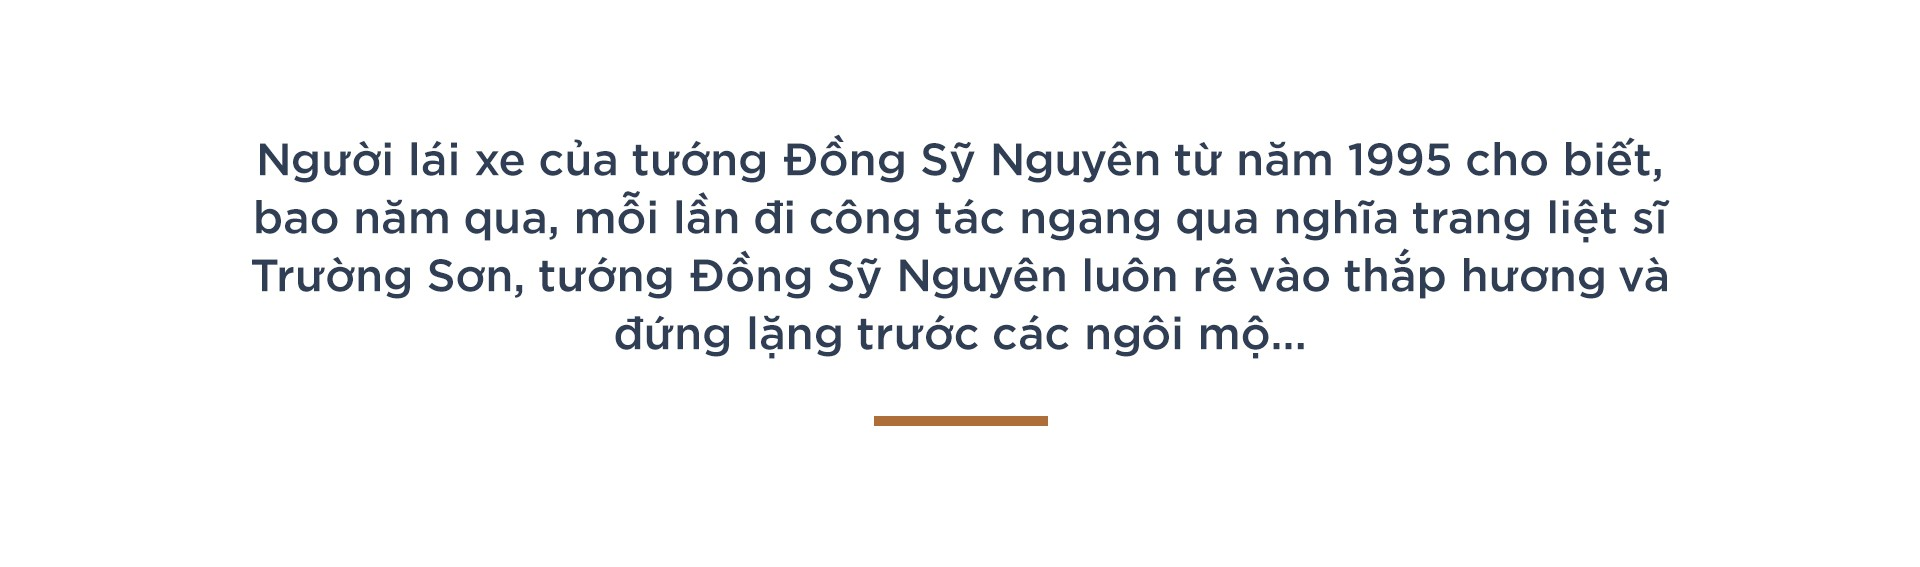 Vĩnh biệt vị tướng già huyền thoại - Đồng Sỹ Nguyên - Ảnh 7.